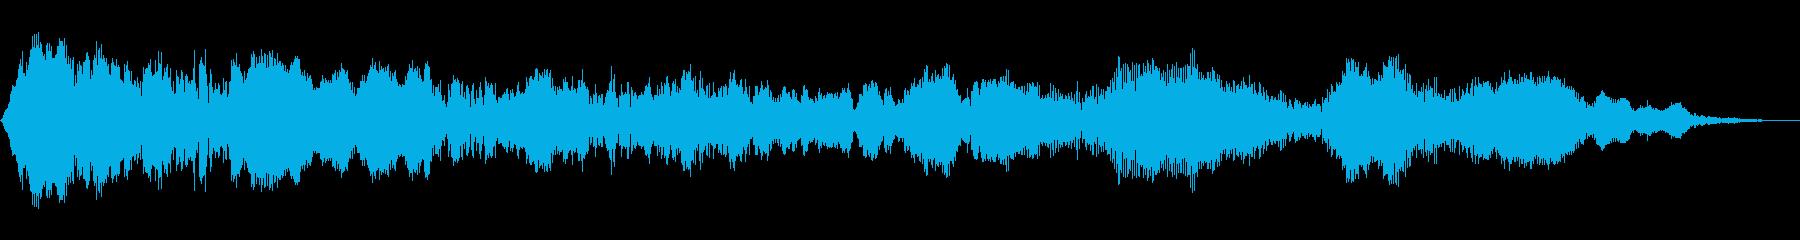 面白いワーブルスクラッチの再生済みの波形